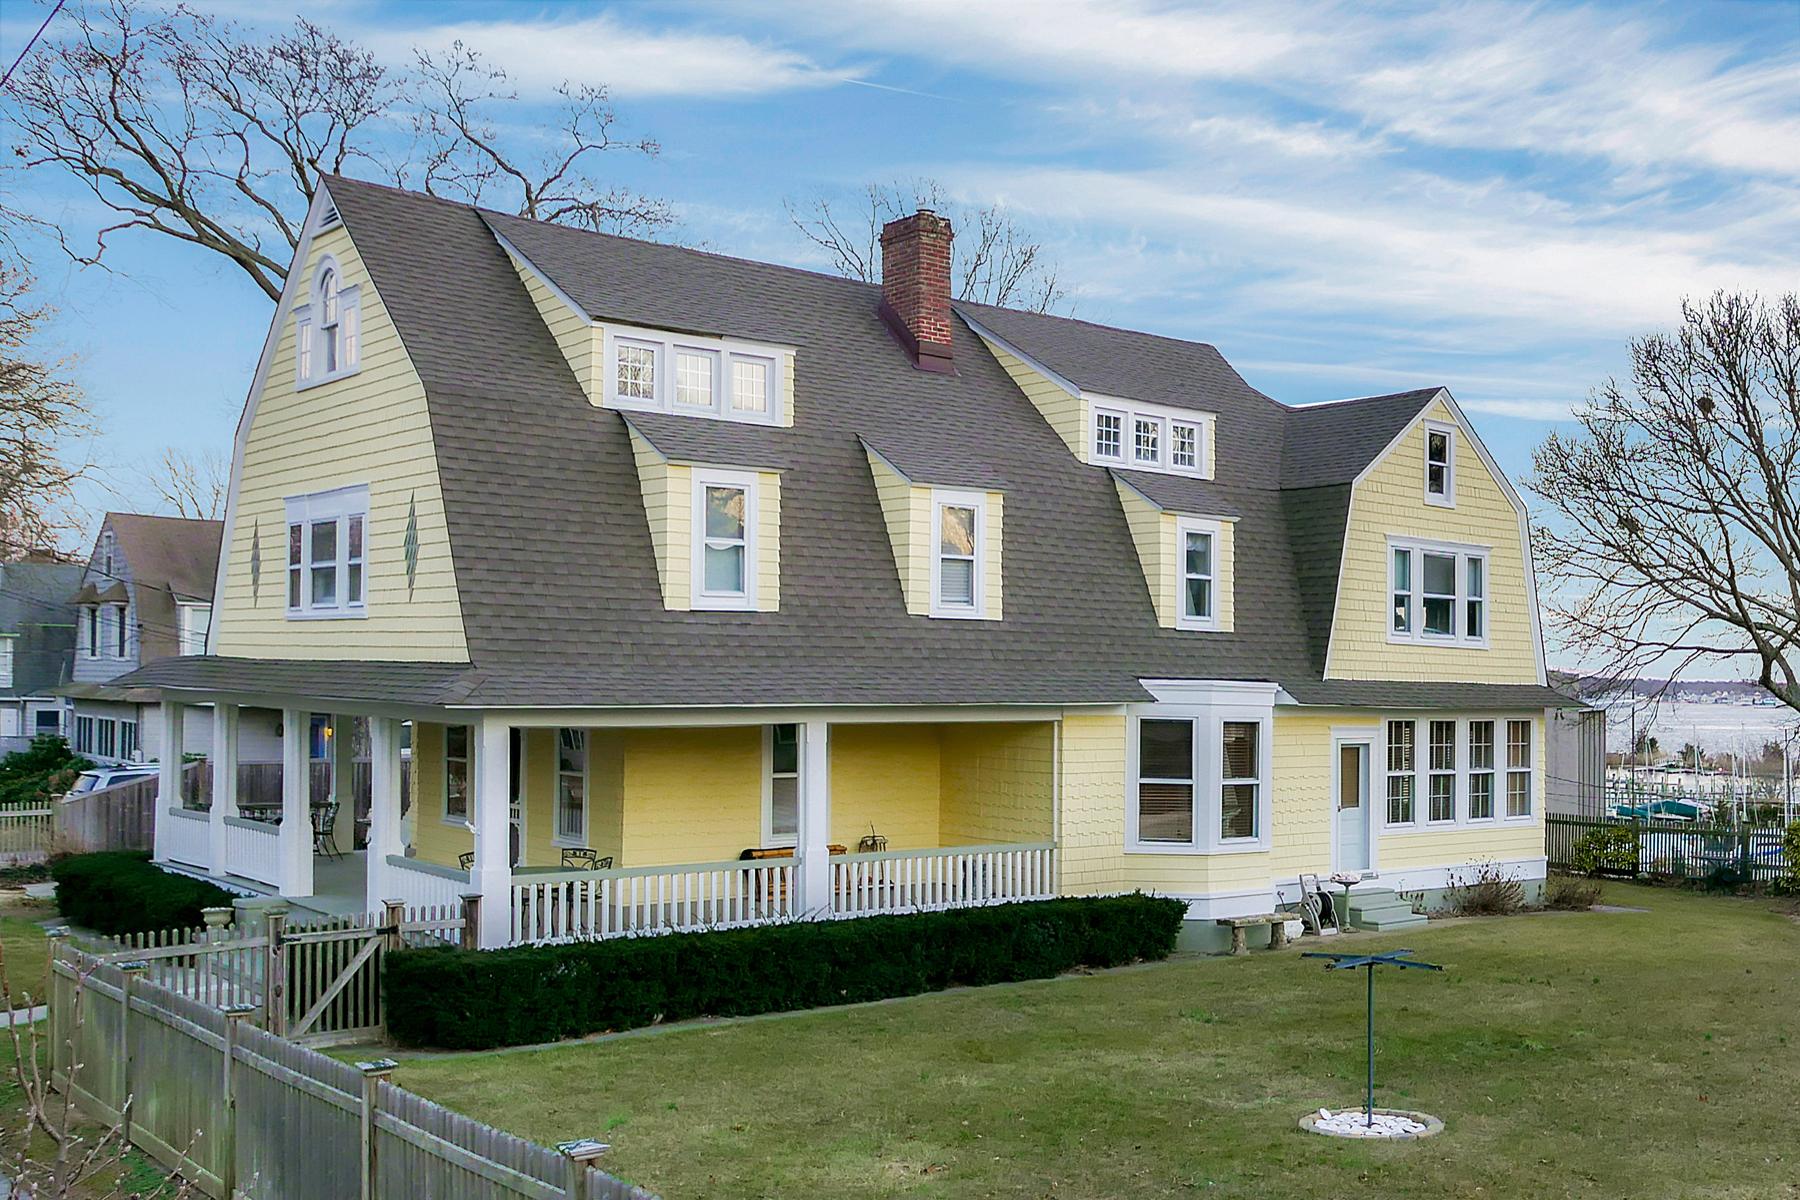 Maison unifamiliale pour l Vente à Victorian Home Is Entertainer's Delight 166 Ocean Avenue Island Heights, New Jersey, 08732 États-Unis